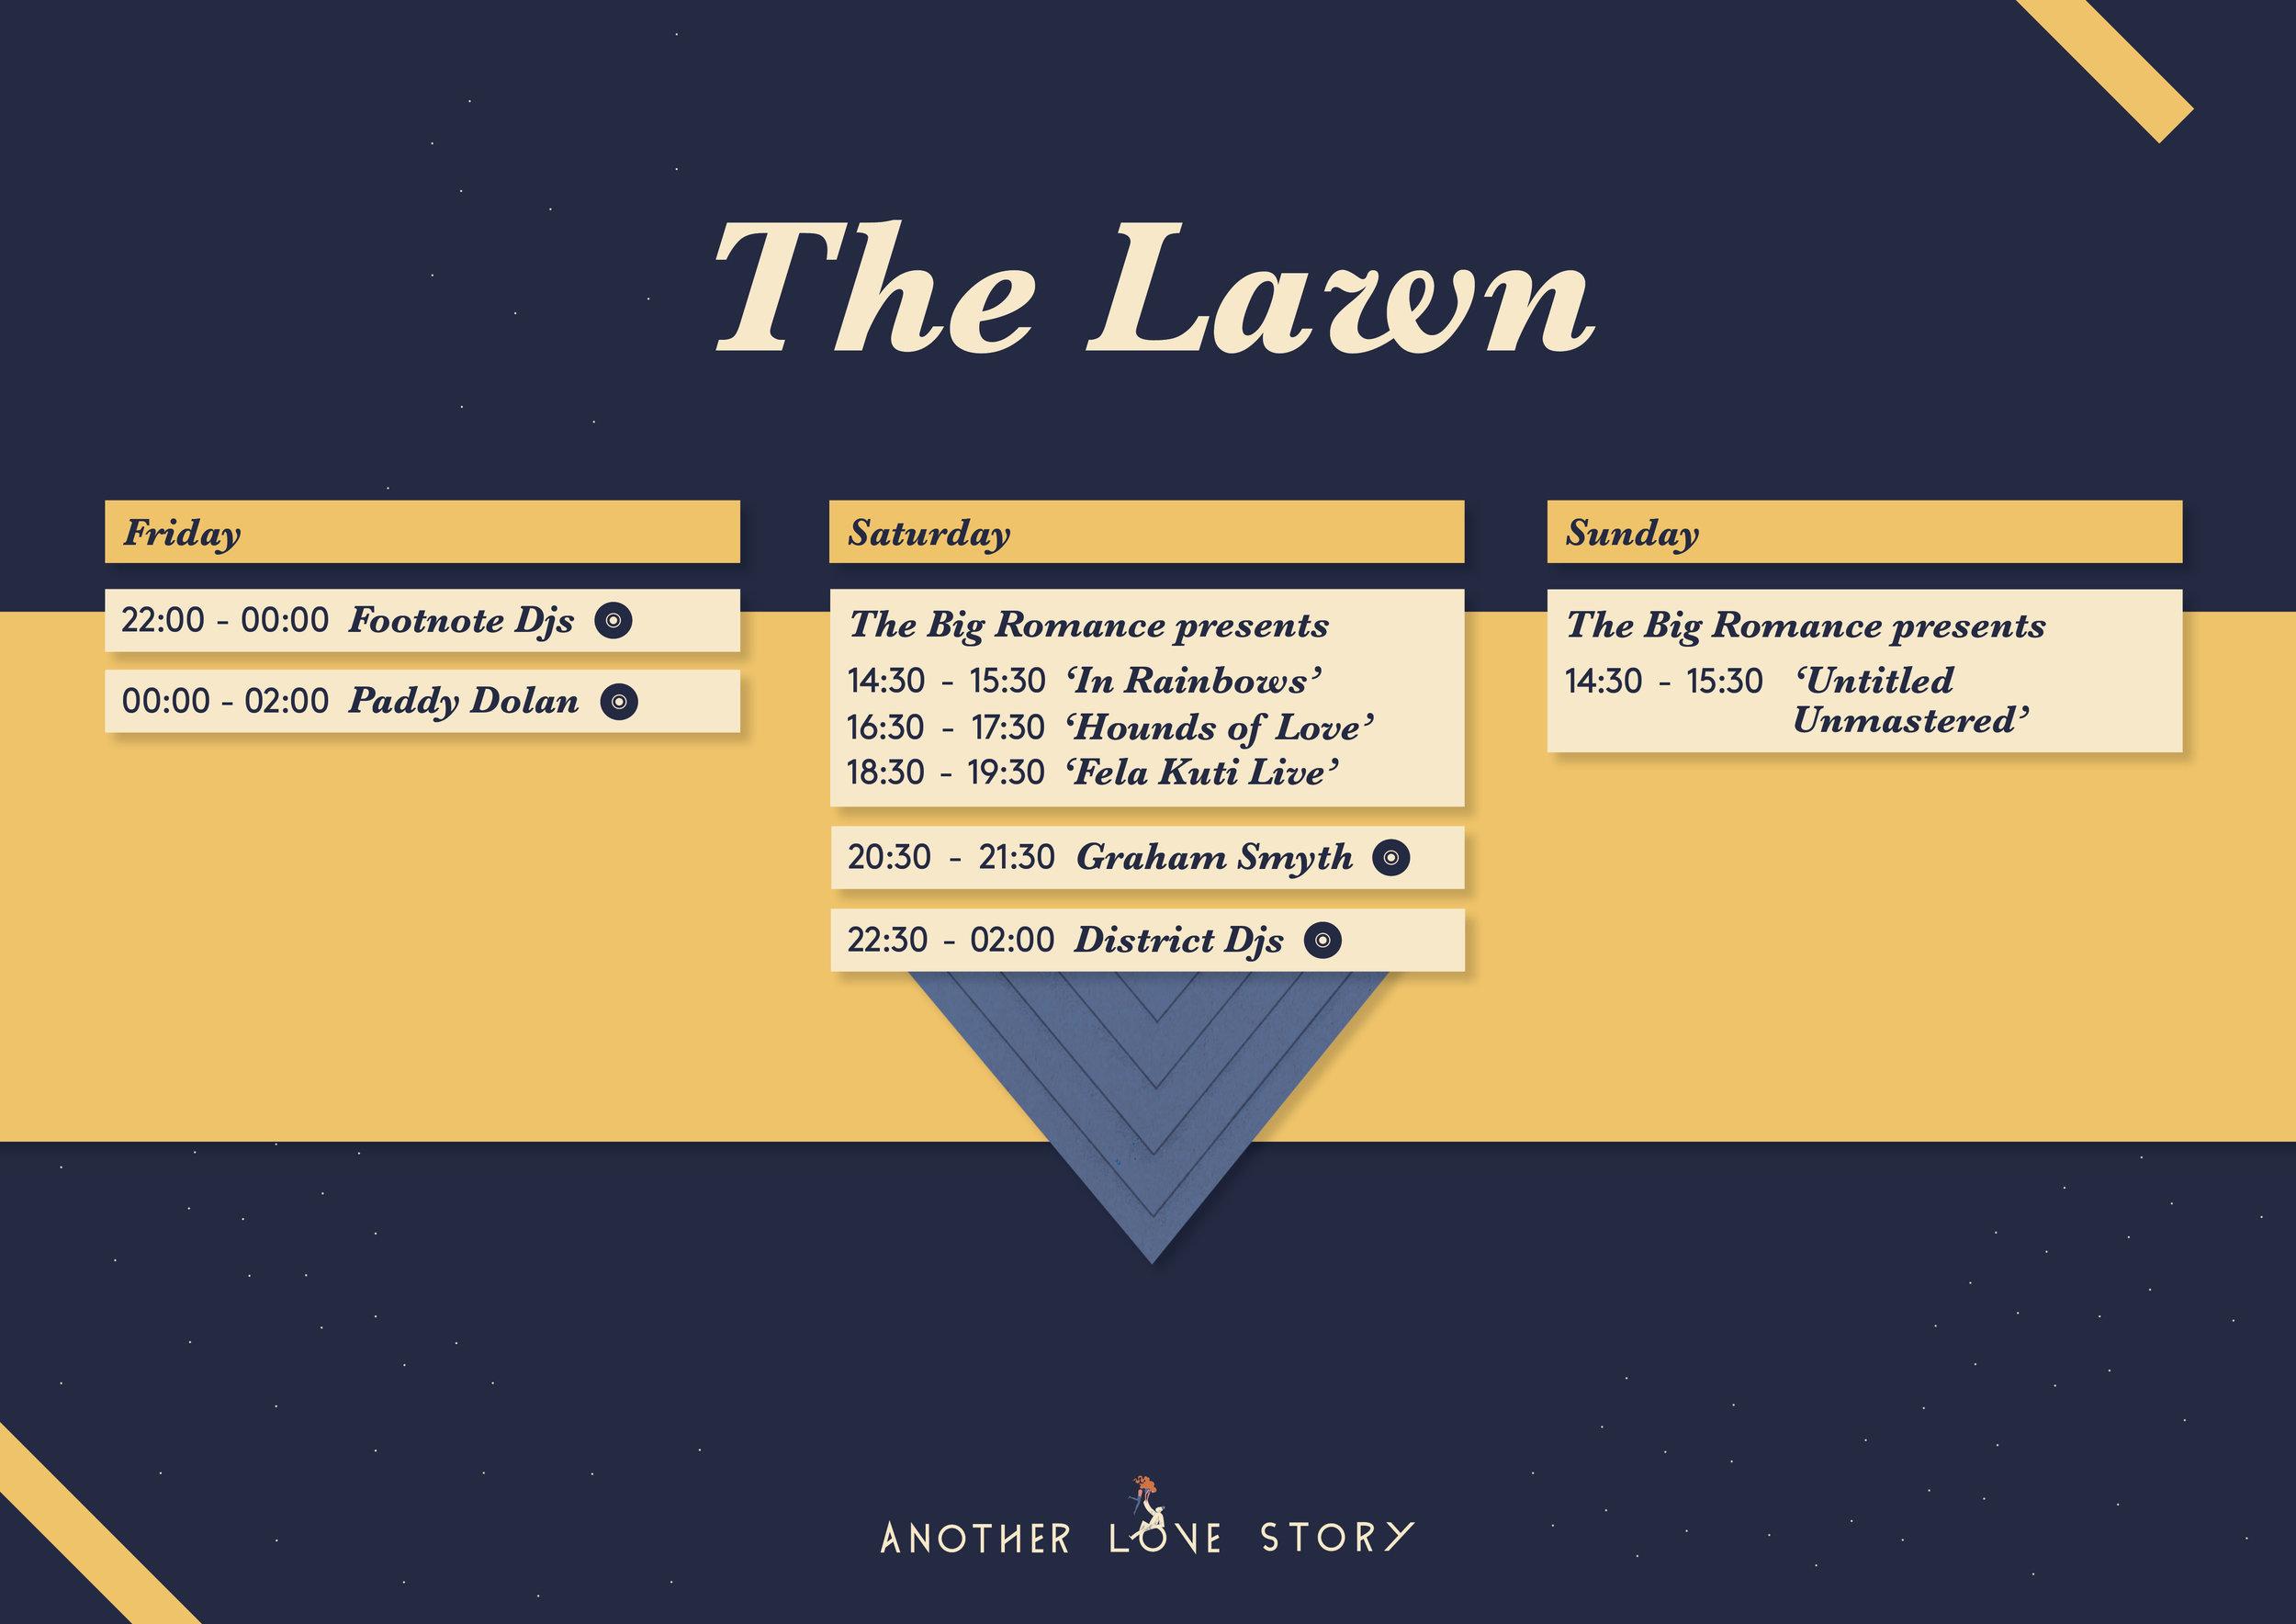 schedules_lawn.jpg